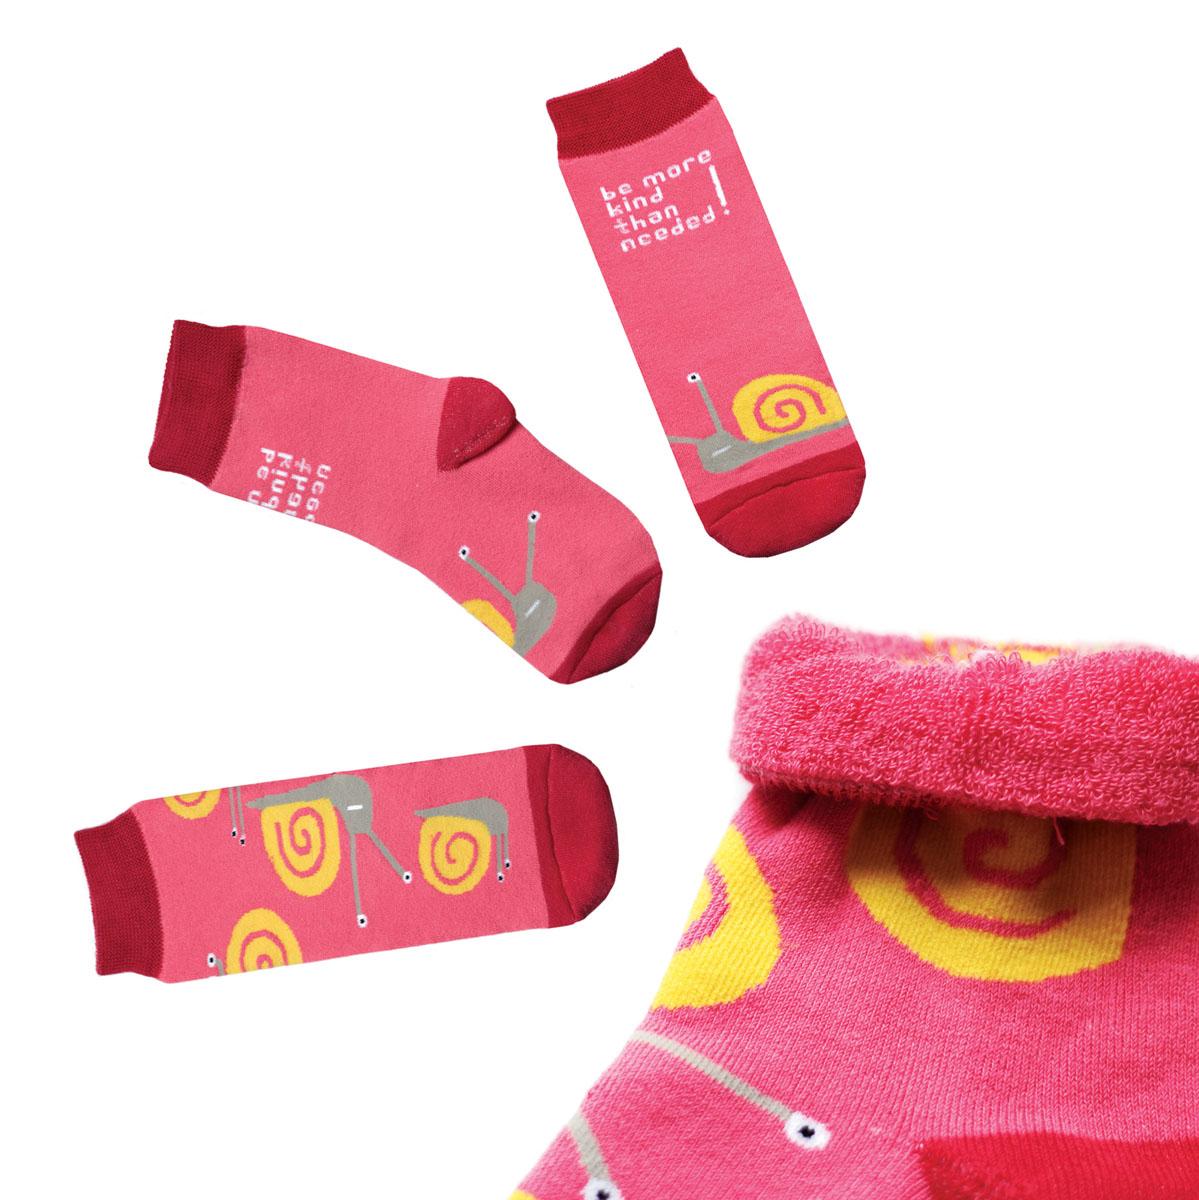 Носки мужские Big Bang Socks, махровые, цвет: розовый, красный, желтый. ca1633. Размер 40/44ca1633_махровыеТеплые мужские махровые носки Big Bang Socks изготовлены из высококачественного хлопка с добавлением полиамидных и эластановых волокон, которые обеспечивают великолепную посадку. Носки отличаются ярким стильным дизайном, они оформлены изображением забавных улиток и надписью: Be more kind than needed!. Удобная широкая резинка идеально облегает ногу и не пережимает сосуды, усиленные пятка и мысок повышают износоустойчивость носка, а удлиненный паголенок придает более эстетичный вид. Дизайнерские носки Big Bang Socks - яркая деталь в вашем образе и оригинальный подарок для друзей и близких.